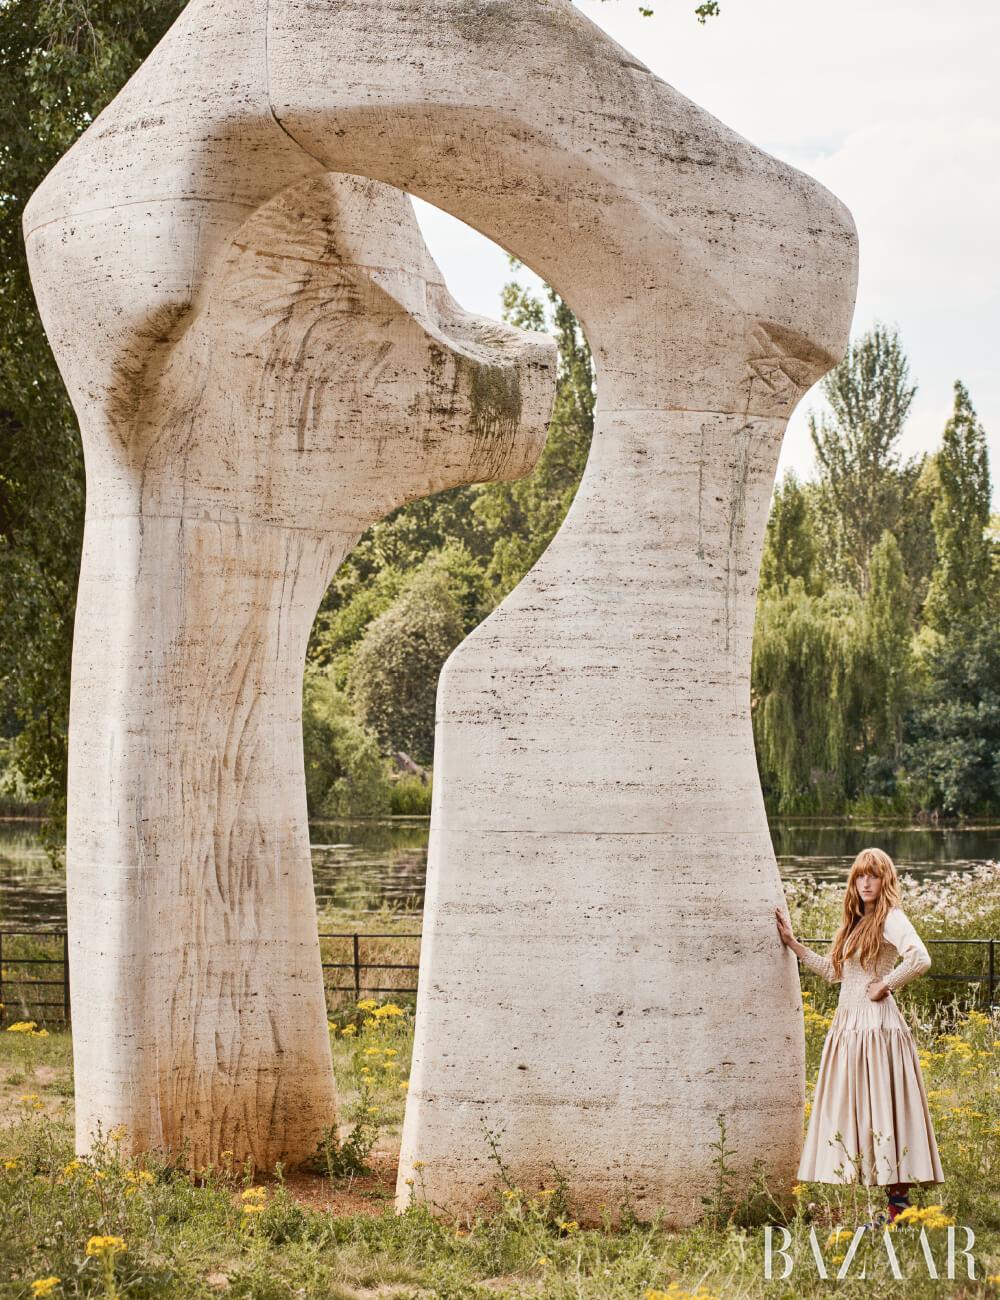 켄징턴 가든, 헨리 무어(Henry Moore)의 'The Arch'(1980)와 함께